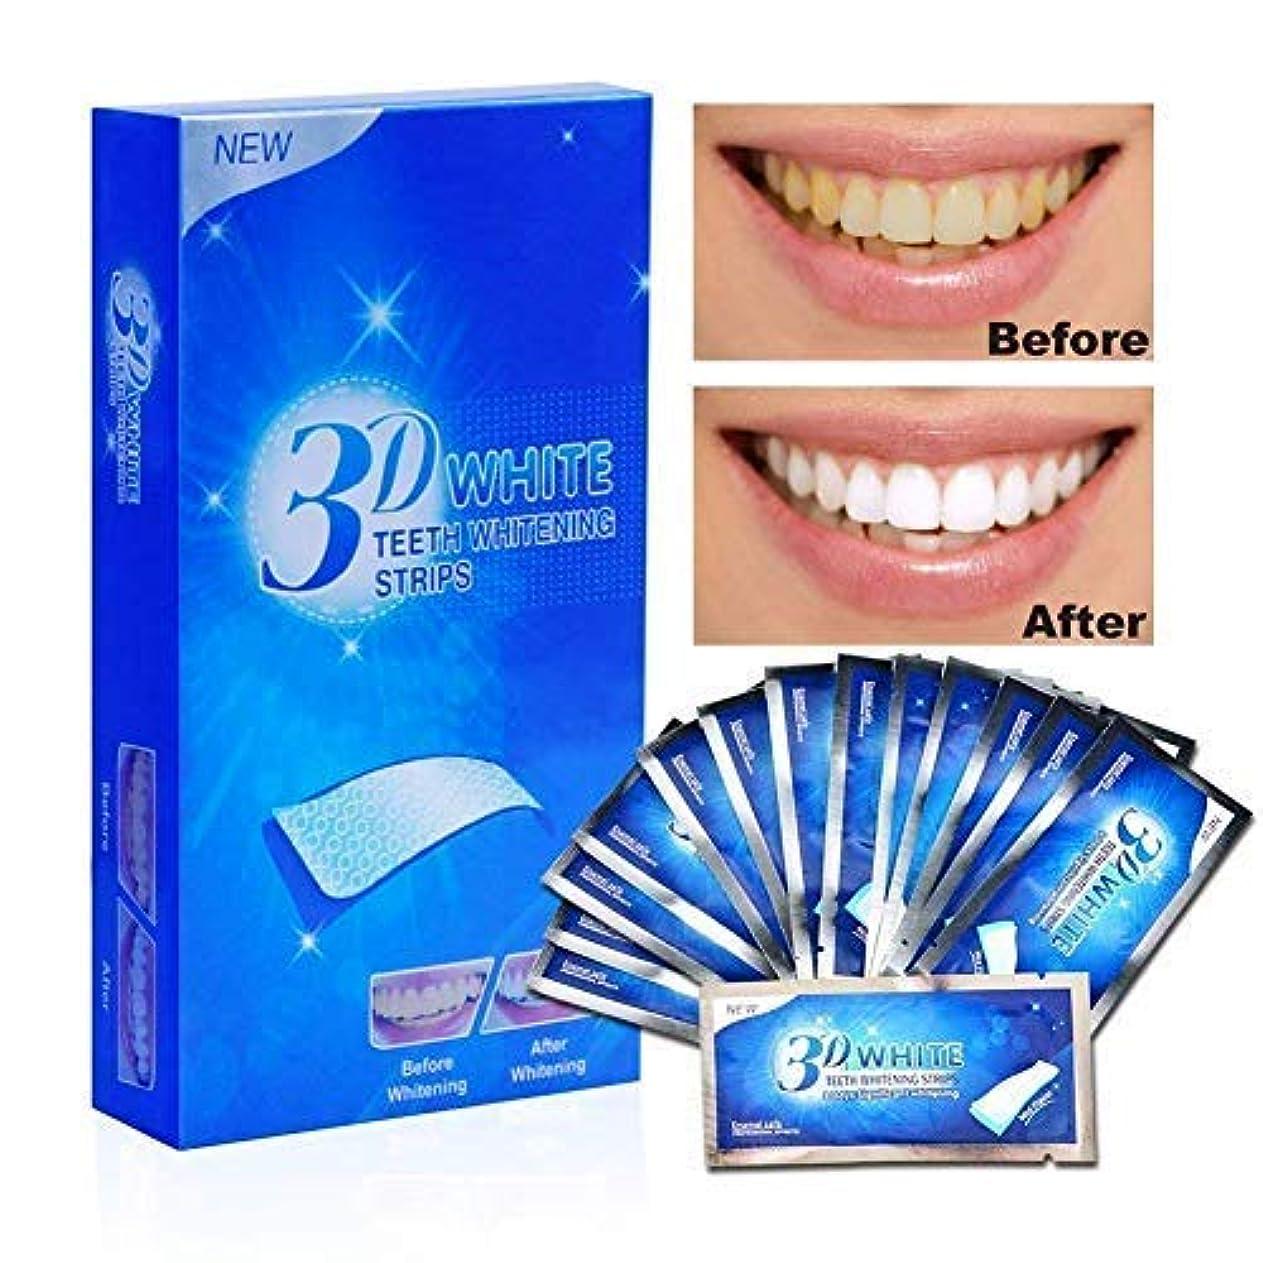 器用アウター腹痛歯 美白 歯 ホワイトニング 歯 マニキュア 歯ケア 歯のホワイトニング チャコールホワイトニング 美白歯磨き 歯 美白